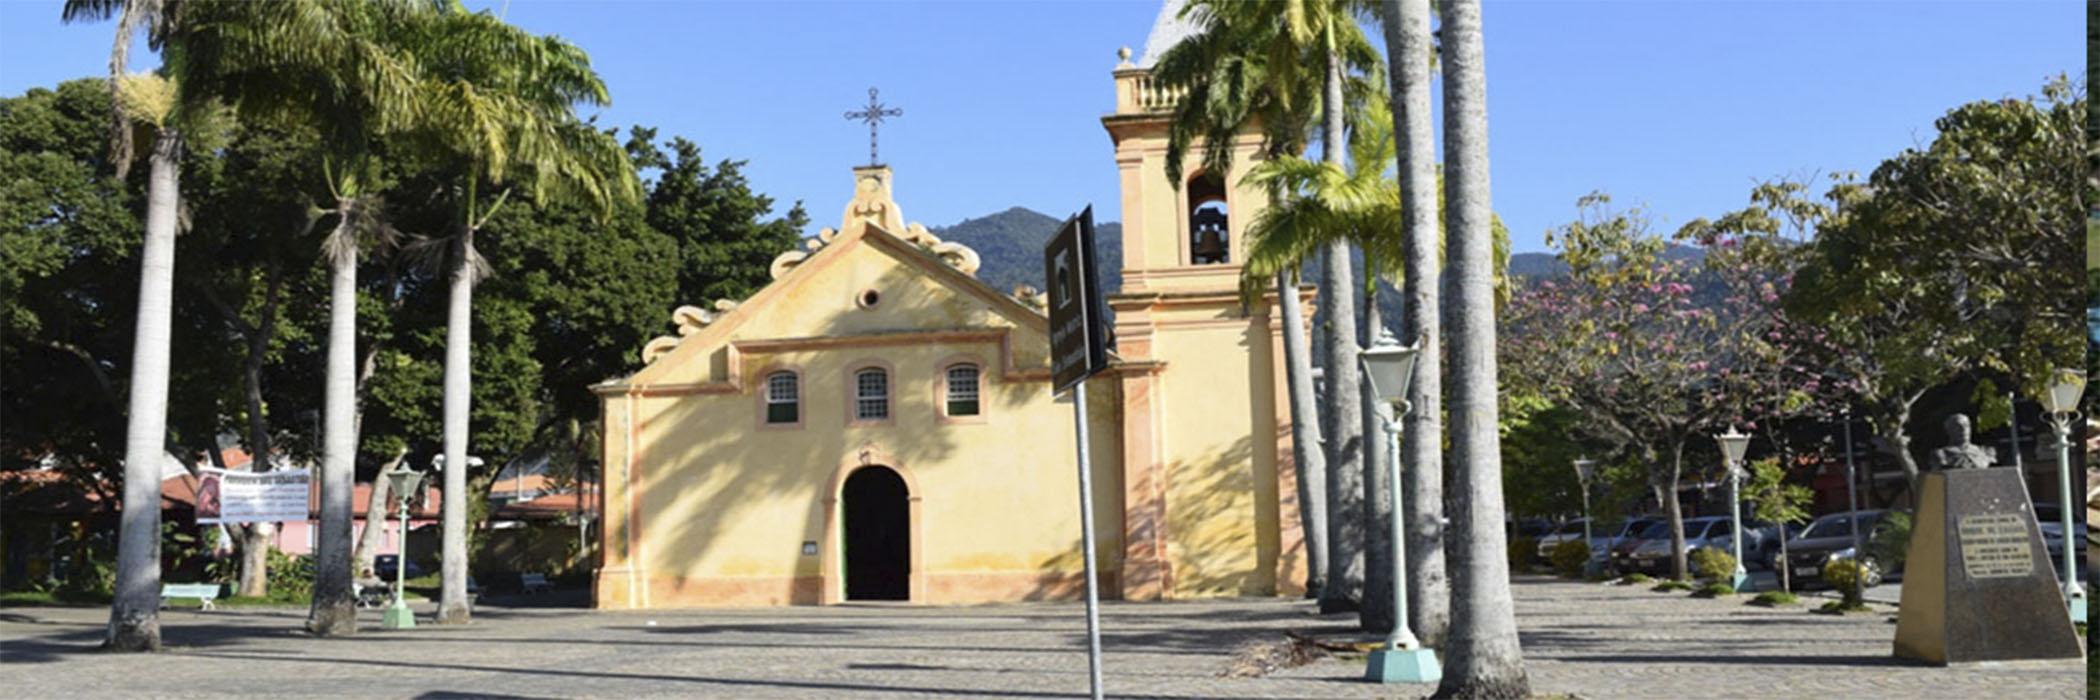 SÃO SEBASTIÃO - ROTEIRO